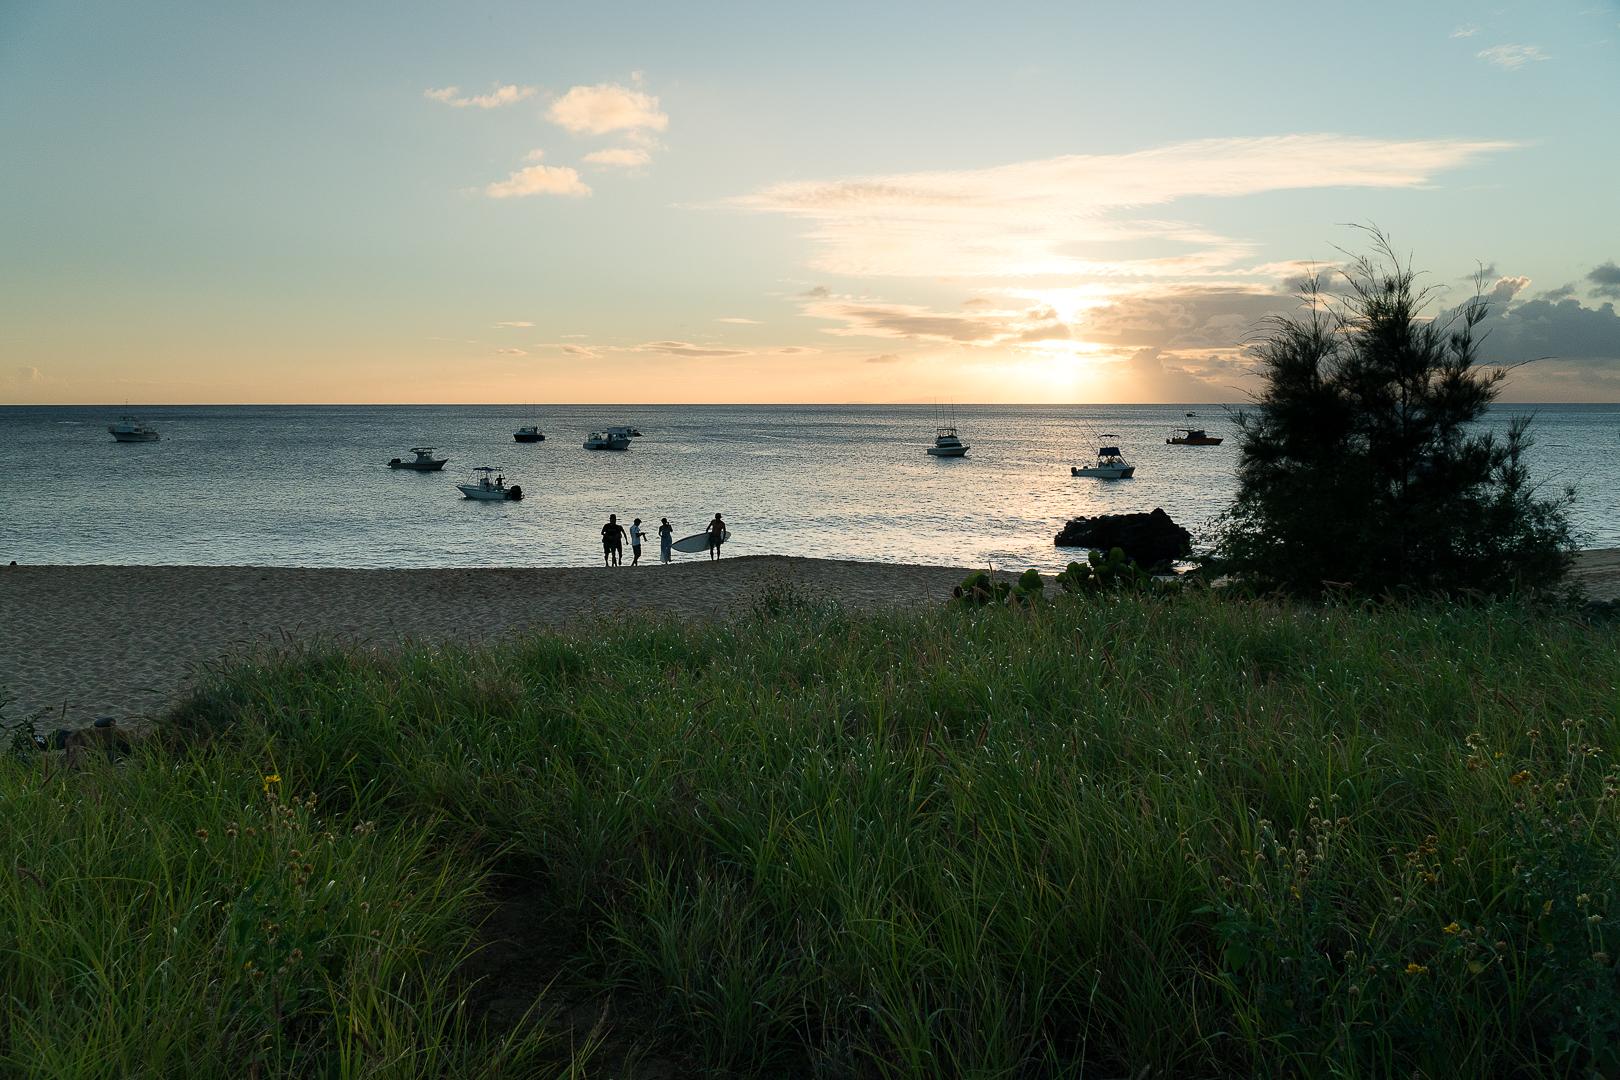 2019-07-28_-_Molokai_2_Oahu_000012.jpg